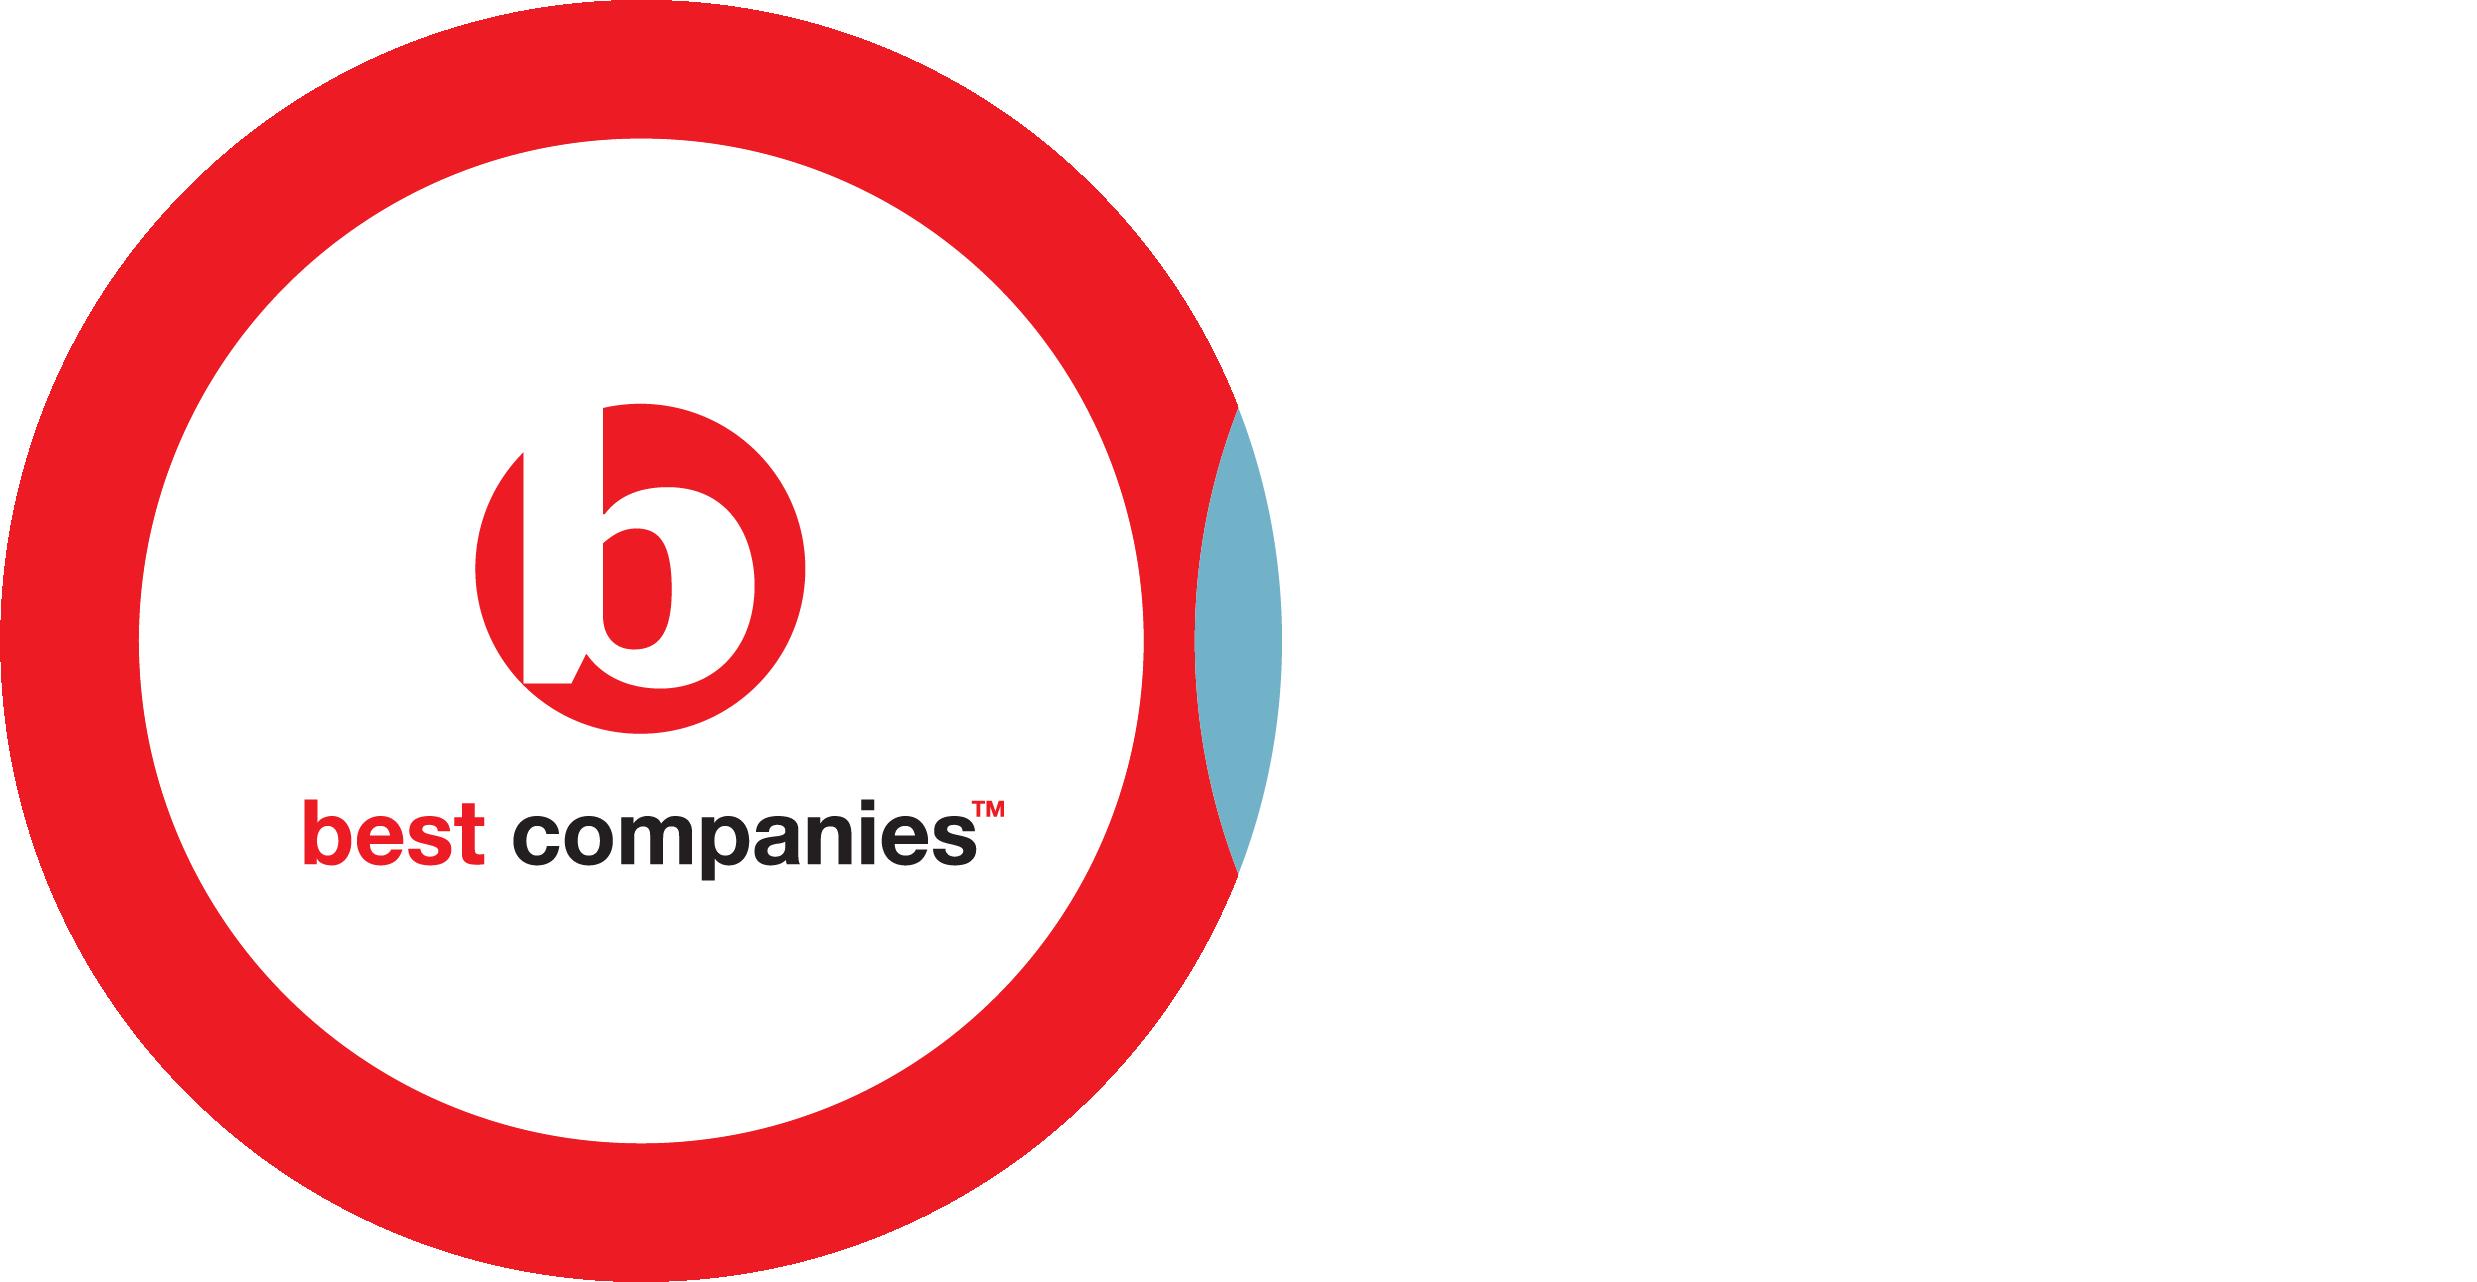 Round Best Companies logo